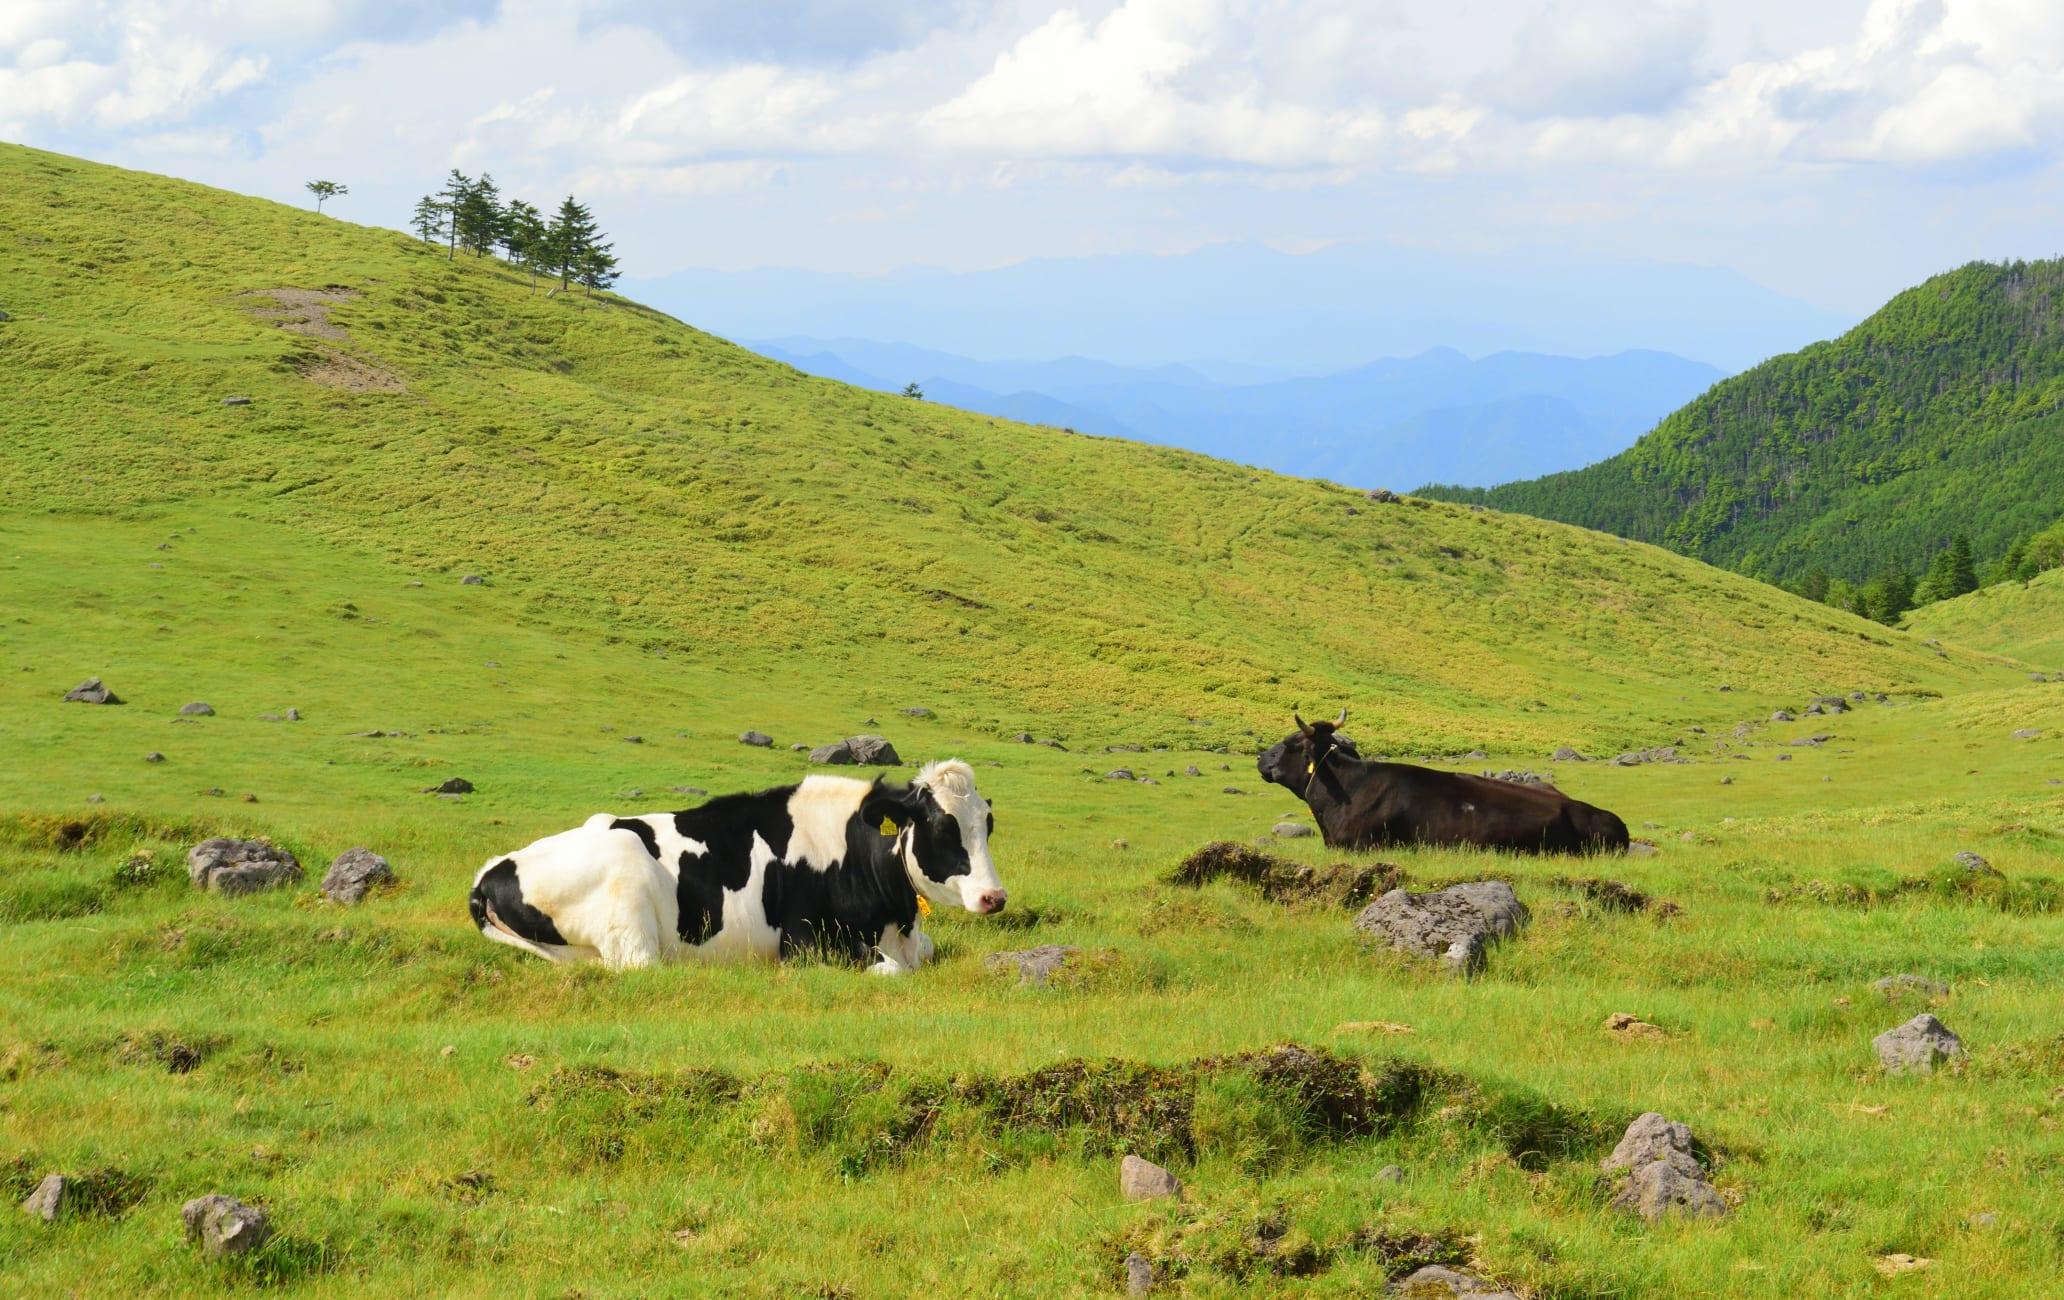 Utsukushi-ga-hara Highlands